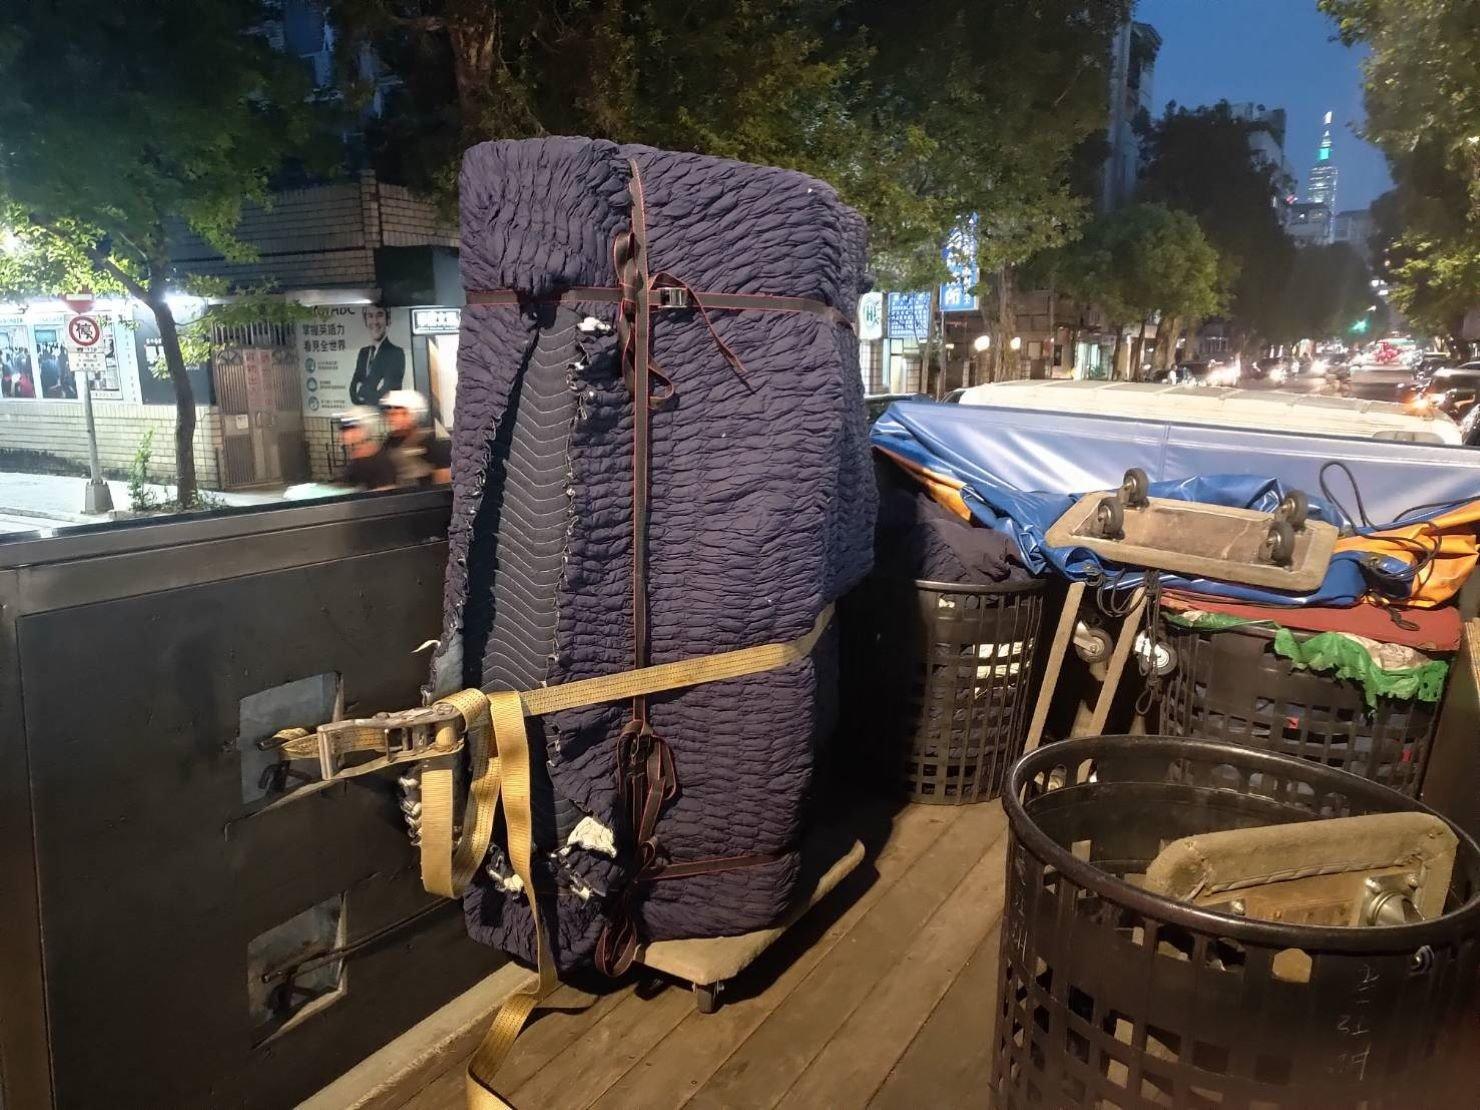 精搬鋼琴【榮福搬家】搬運鋼琴公司給您最有品質、最安全的搬運服務 將已包袱日式伸縮保護套的鋼琴於貨車上以機器繩固定防止運輸中的滑動遙晃